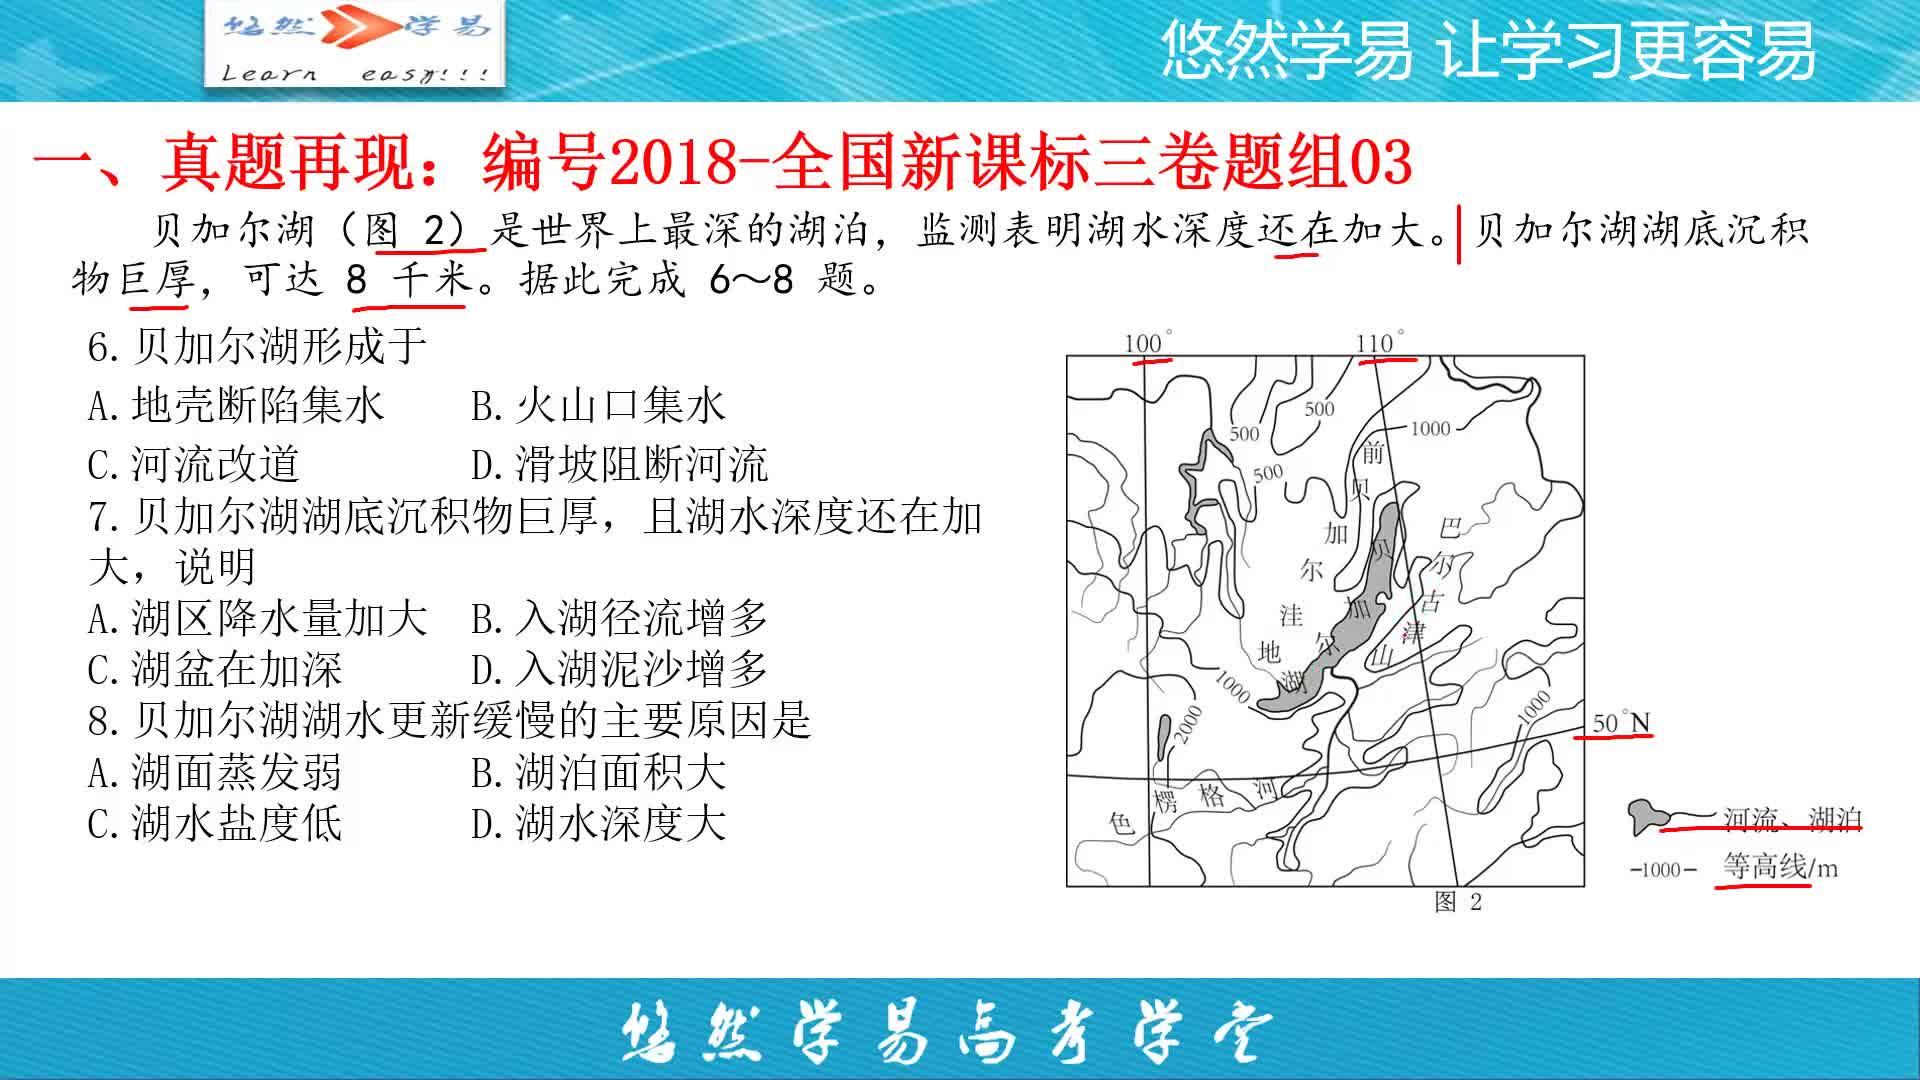 選擇題題組03(第6&7&8題)-【地理老馬講高考真題】系列第七季2018年高考地理新課標三卷